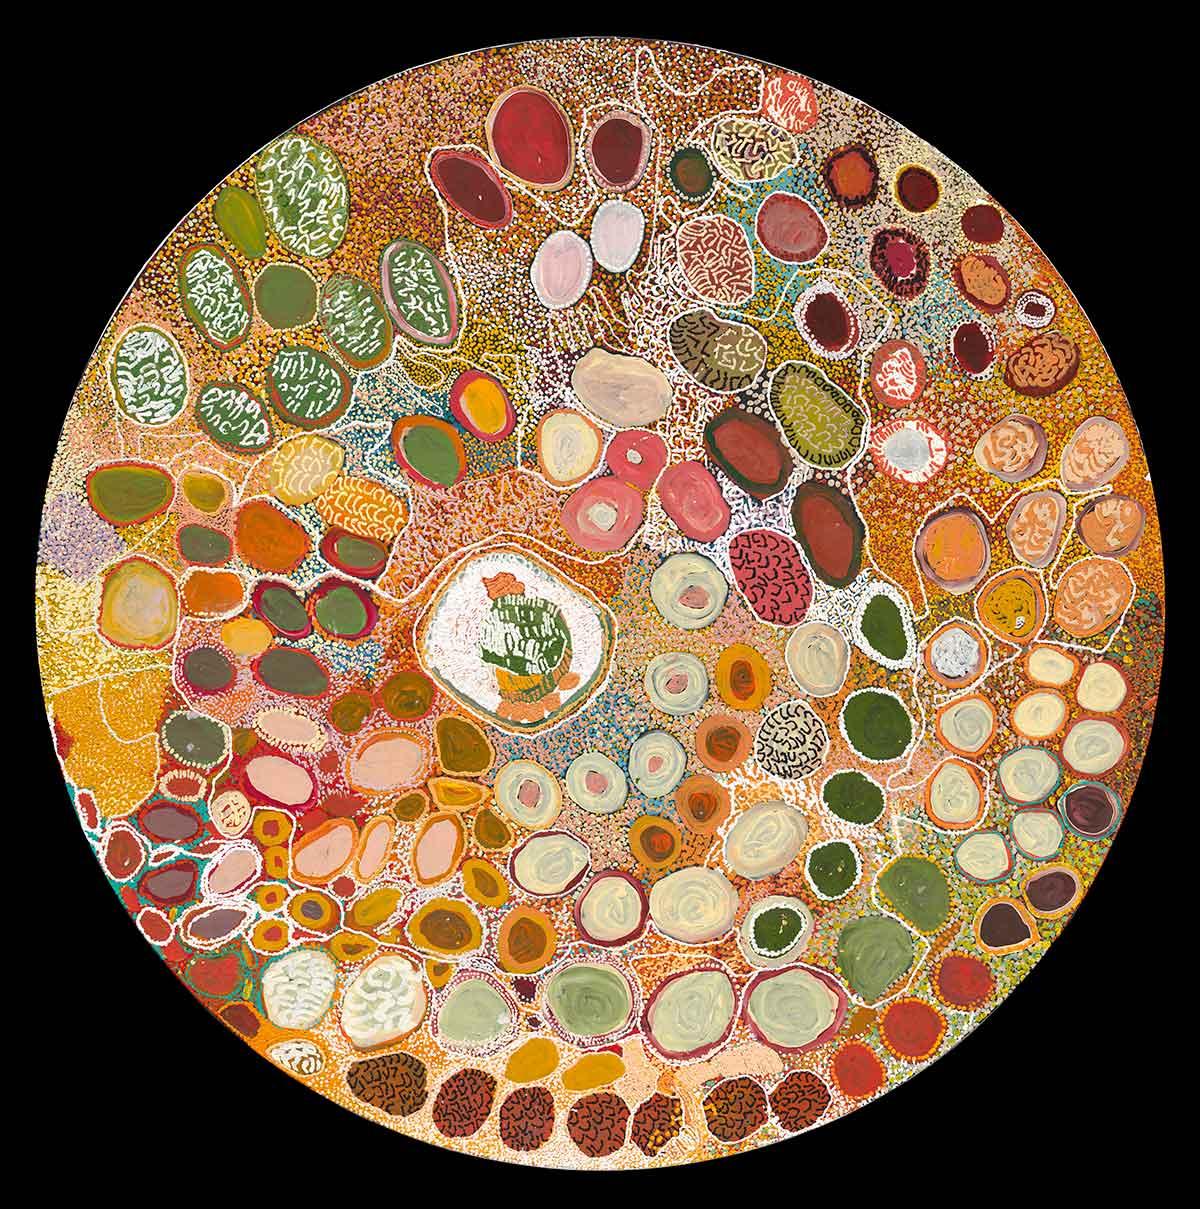 Minyipuru at Pangkal - click to view larger image